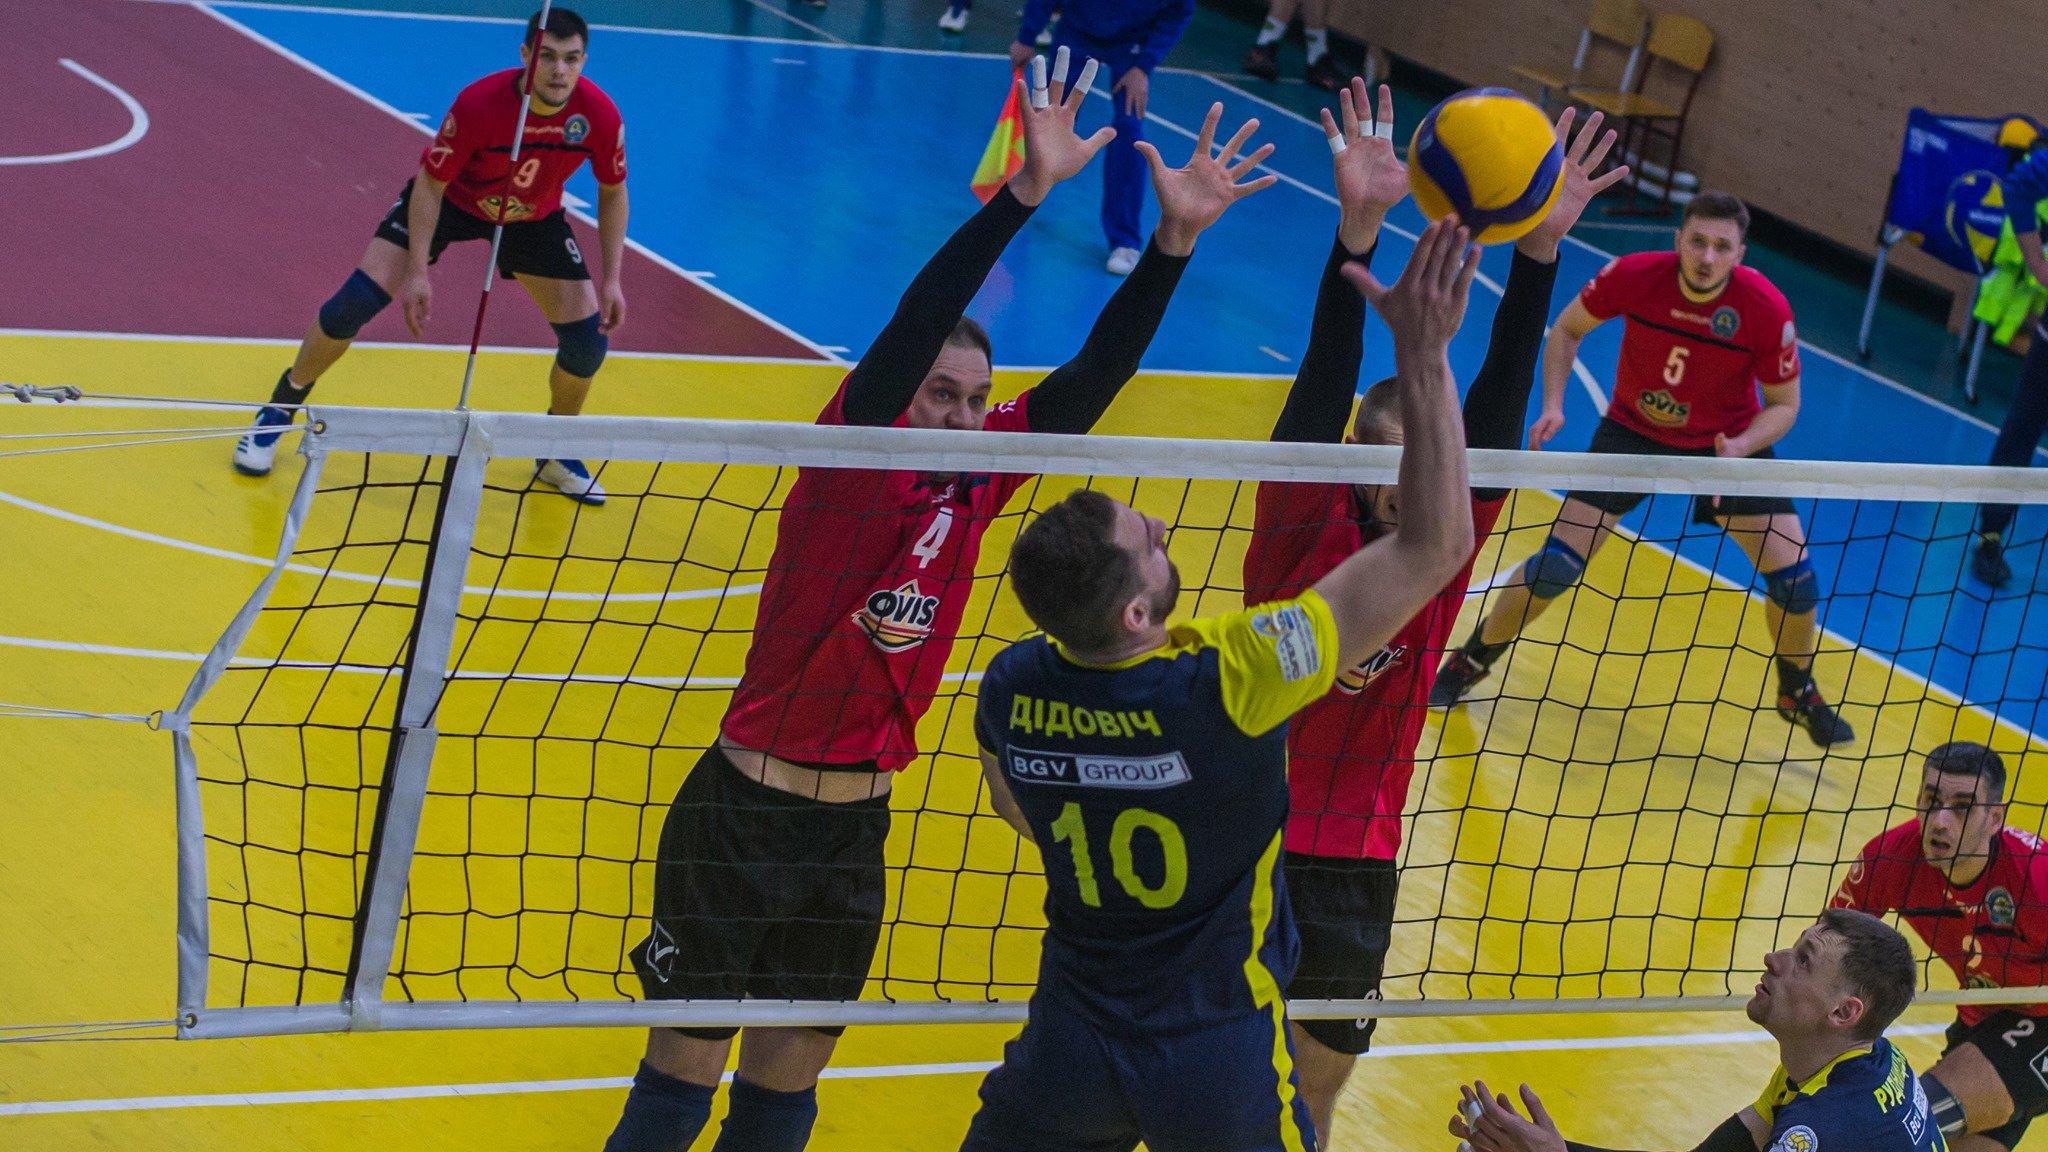 Определились медалисты мужской волейбольной Суперлиги (фото)